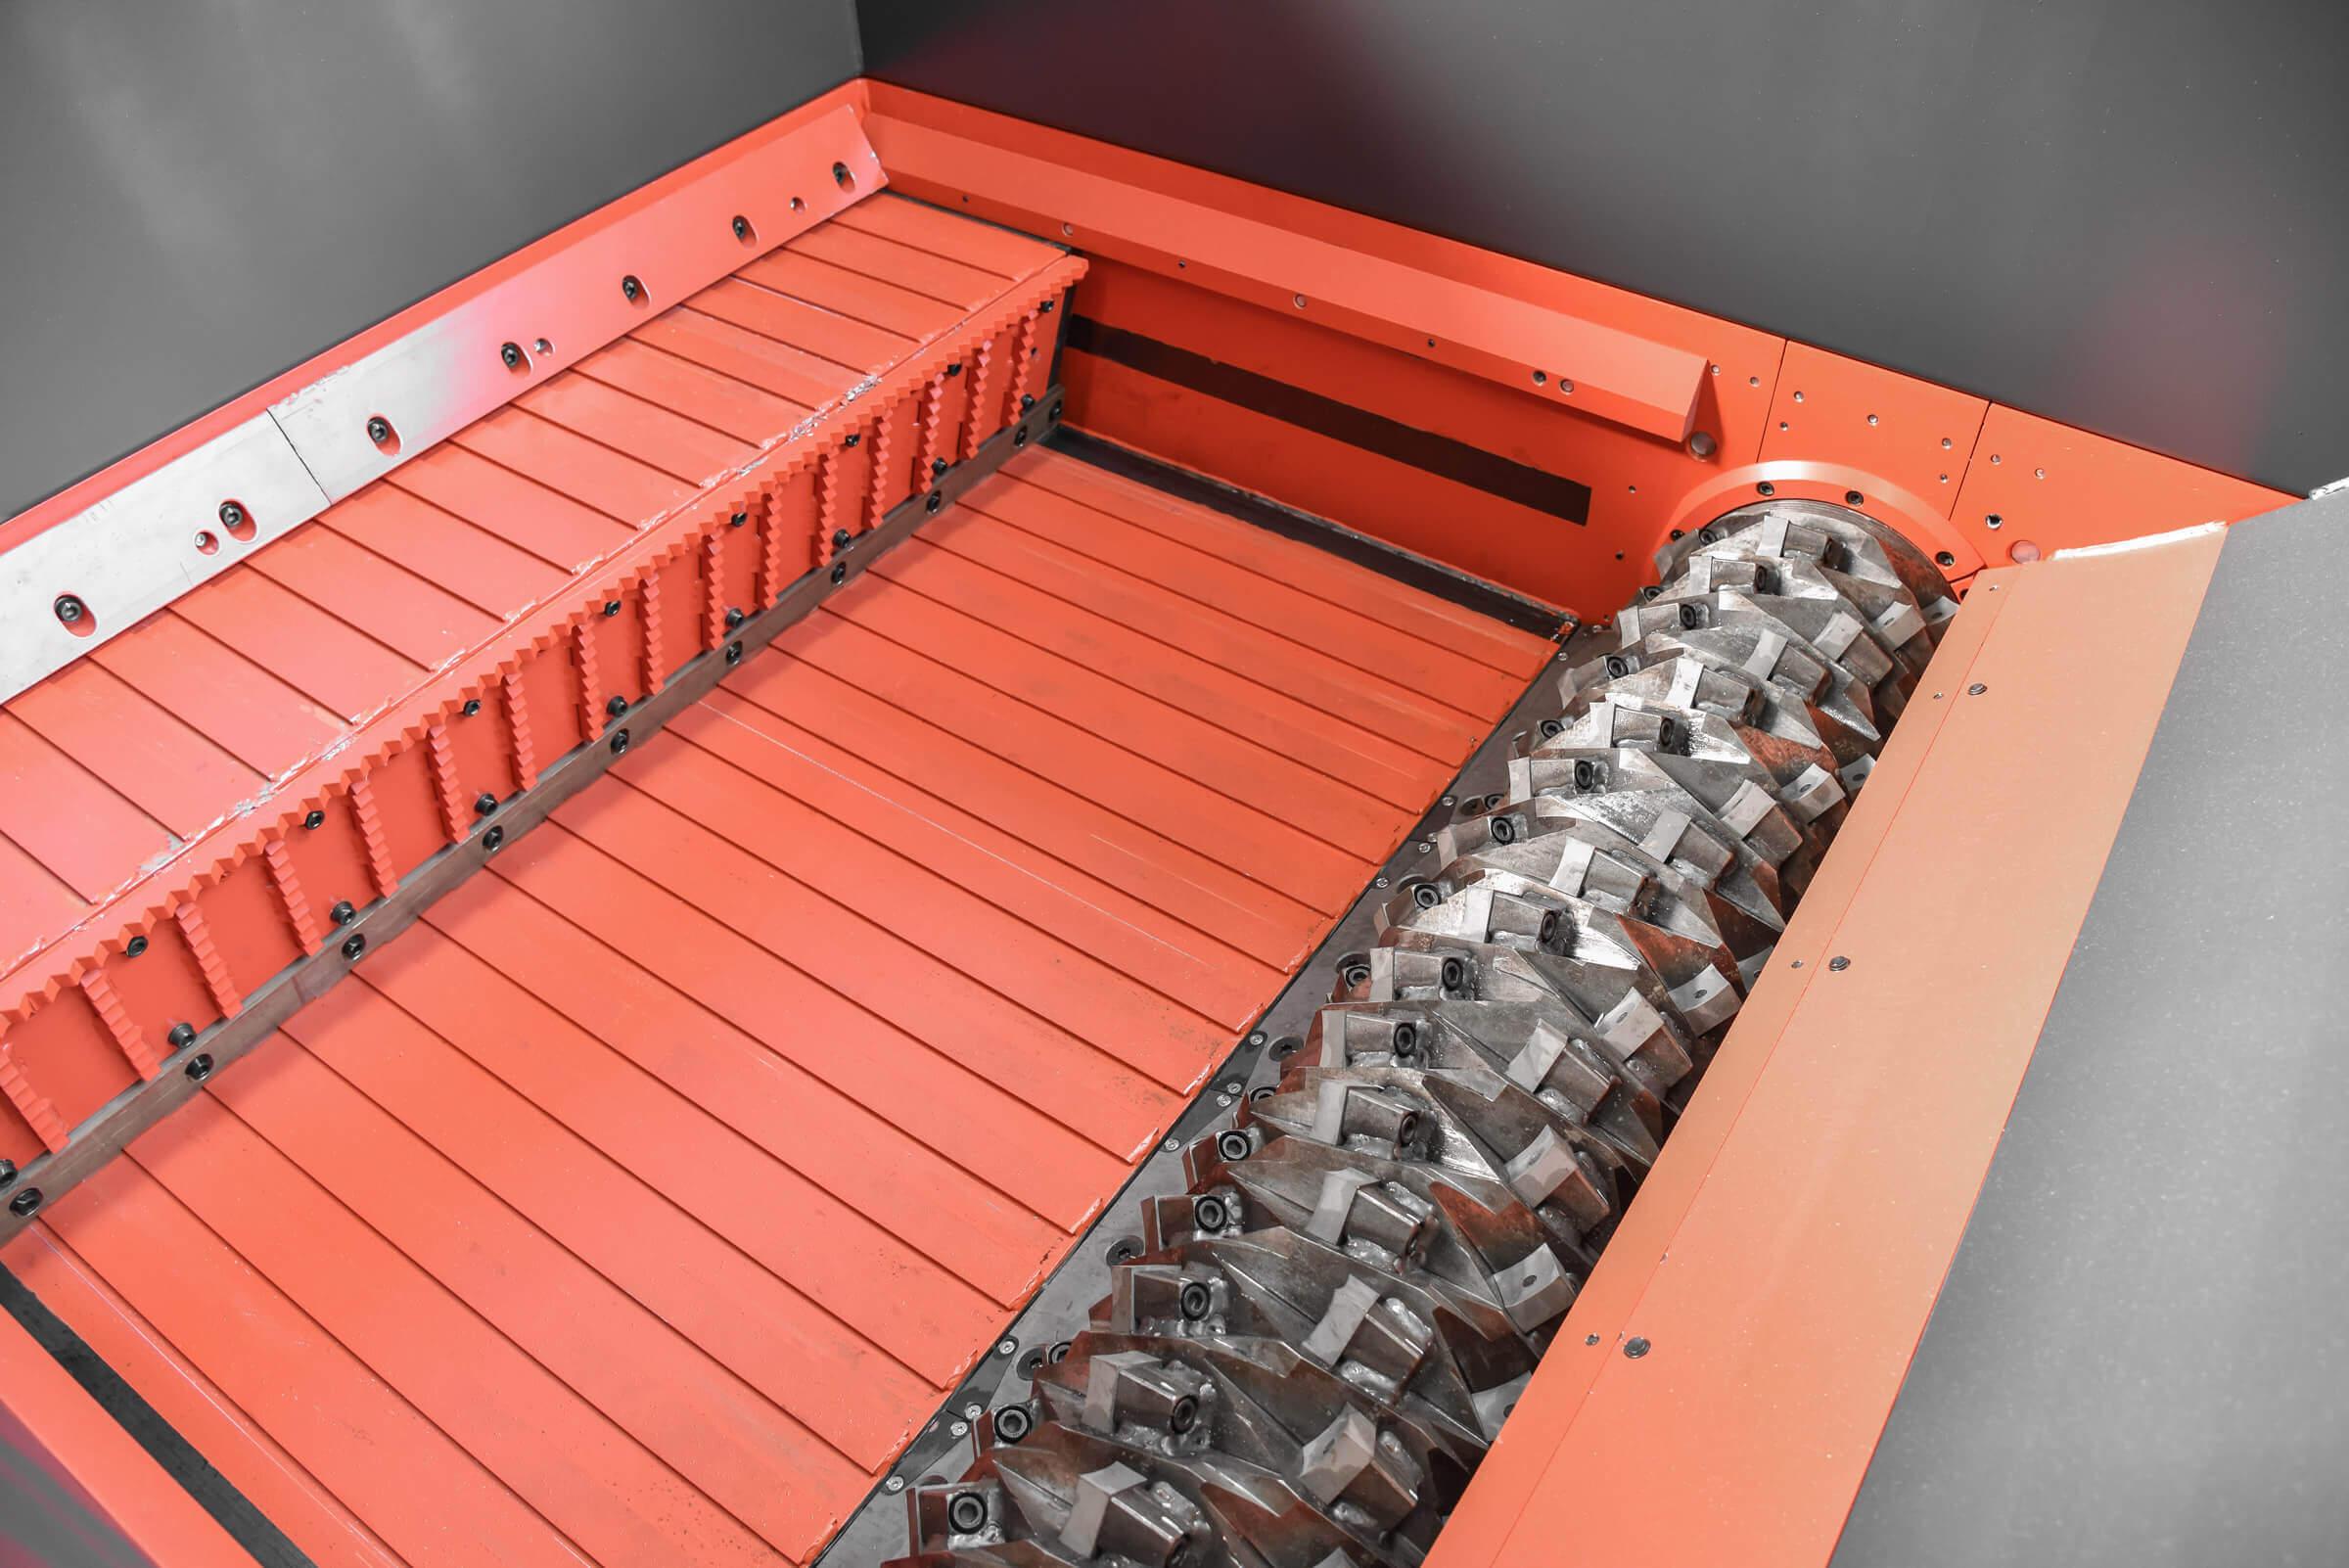 Shredder for pallets